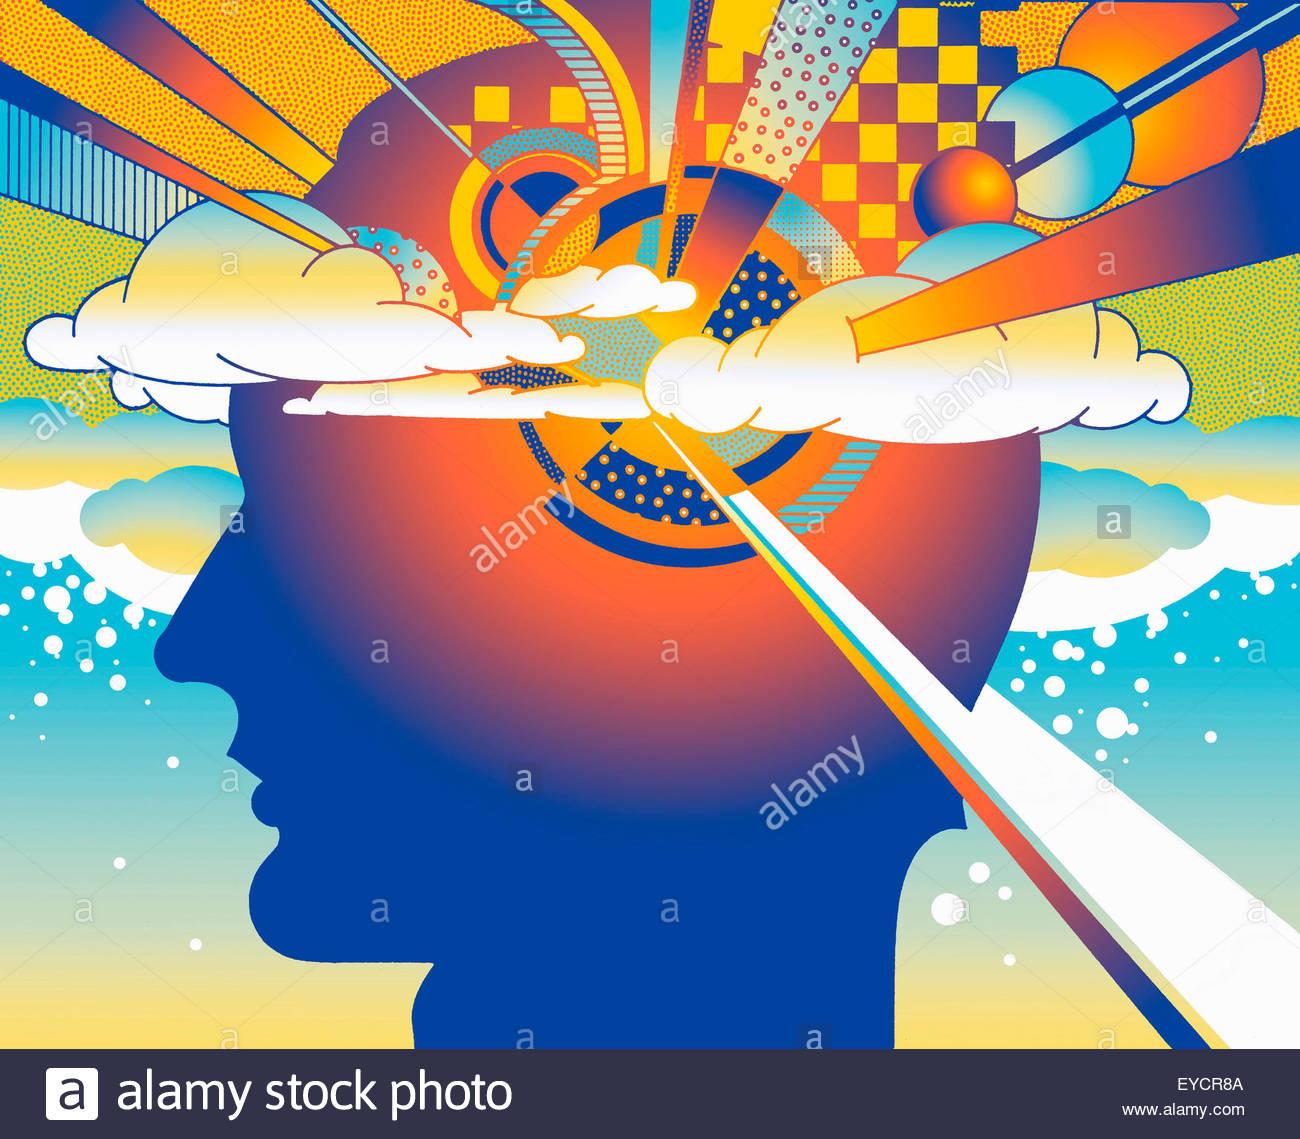 Disegno complesso di forme geometriche all'interno dell'uomo la testa tra le nuvole Immagini Stock